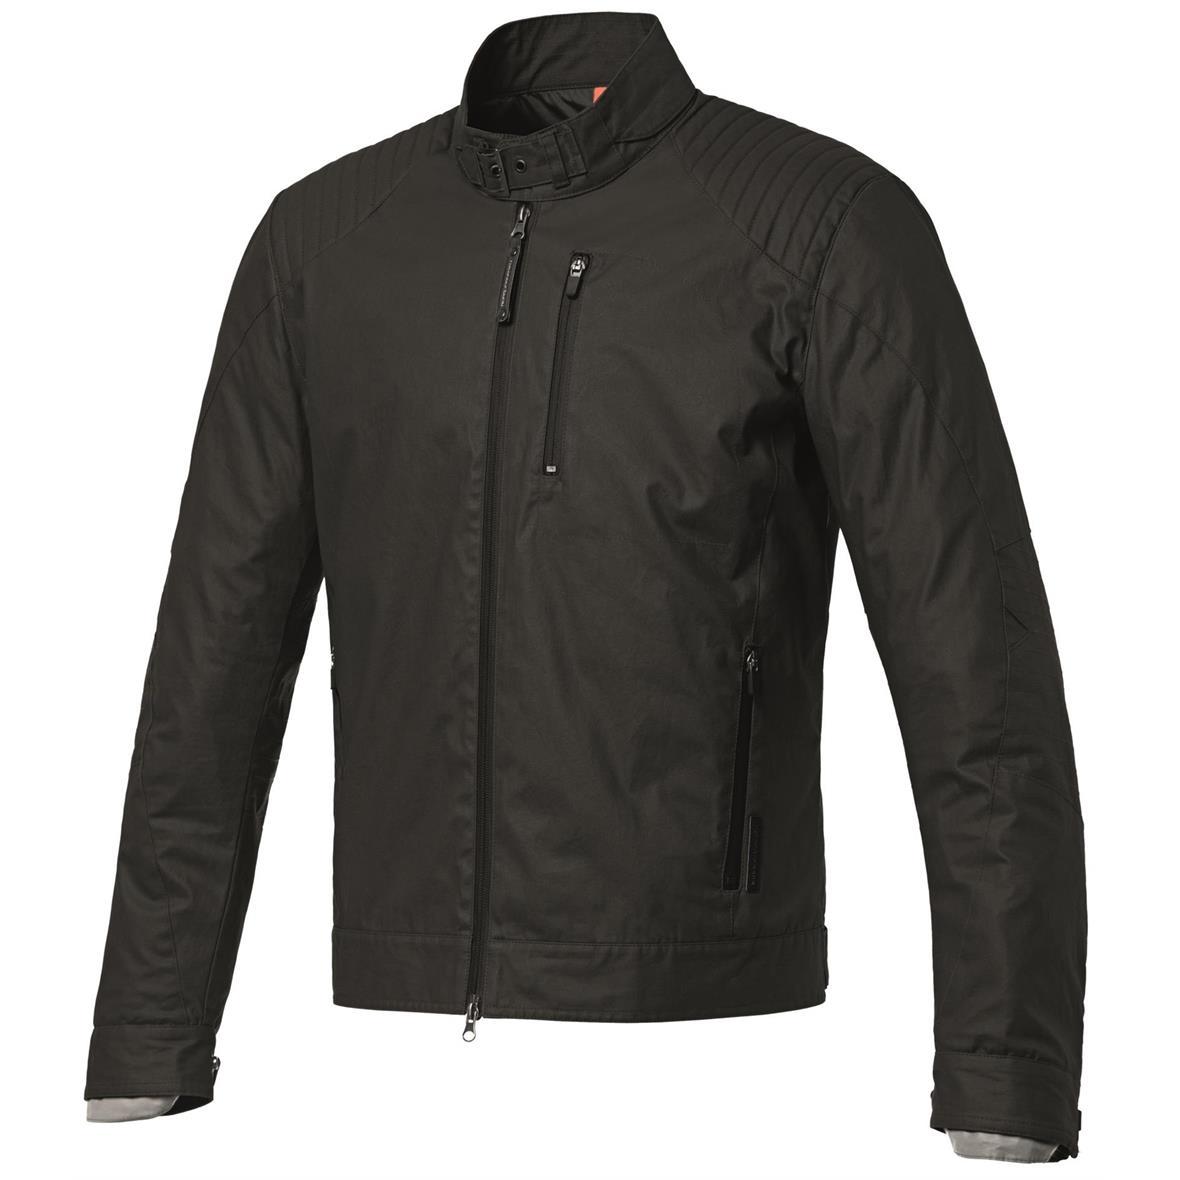 Product Image for 'Jacket TUCANO URBANO POL size 3XLTitle'